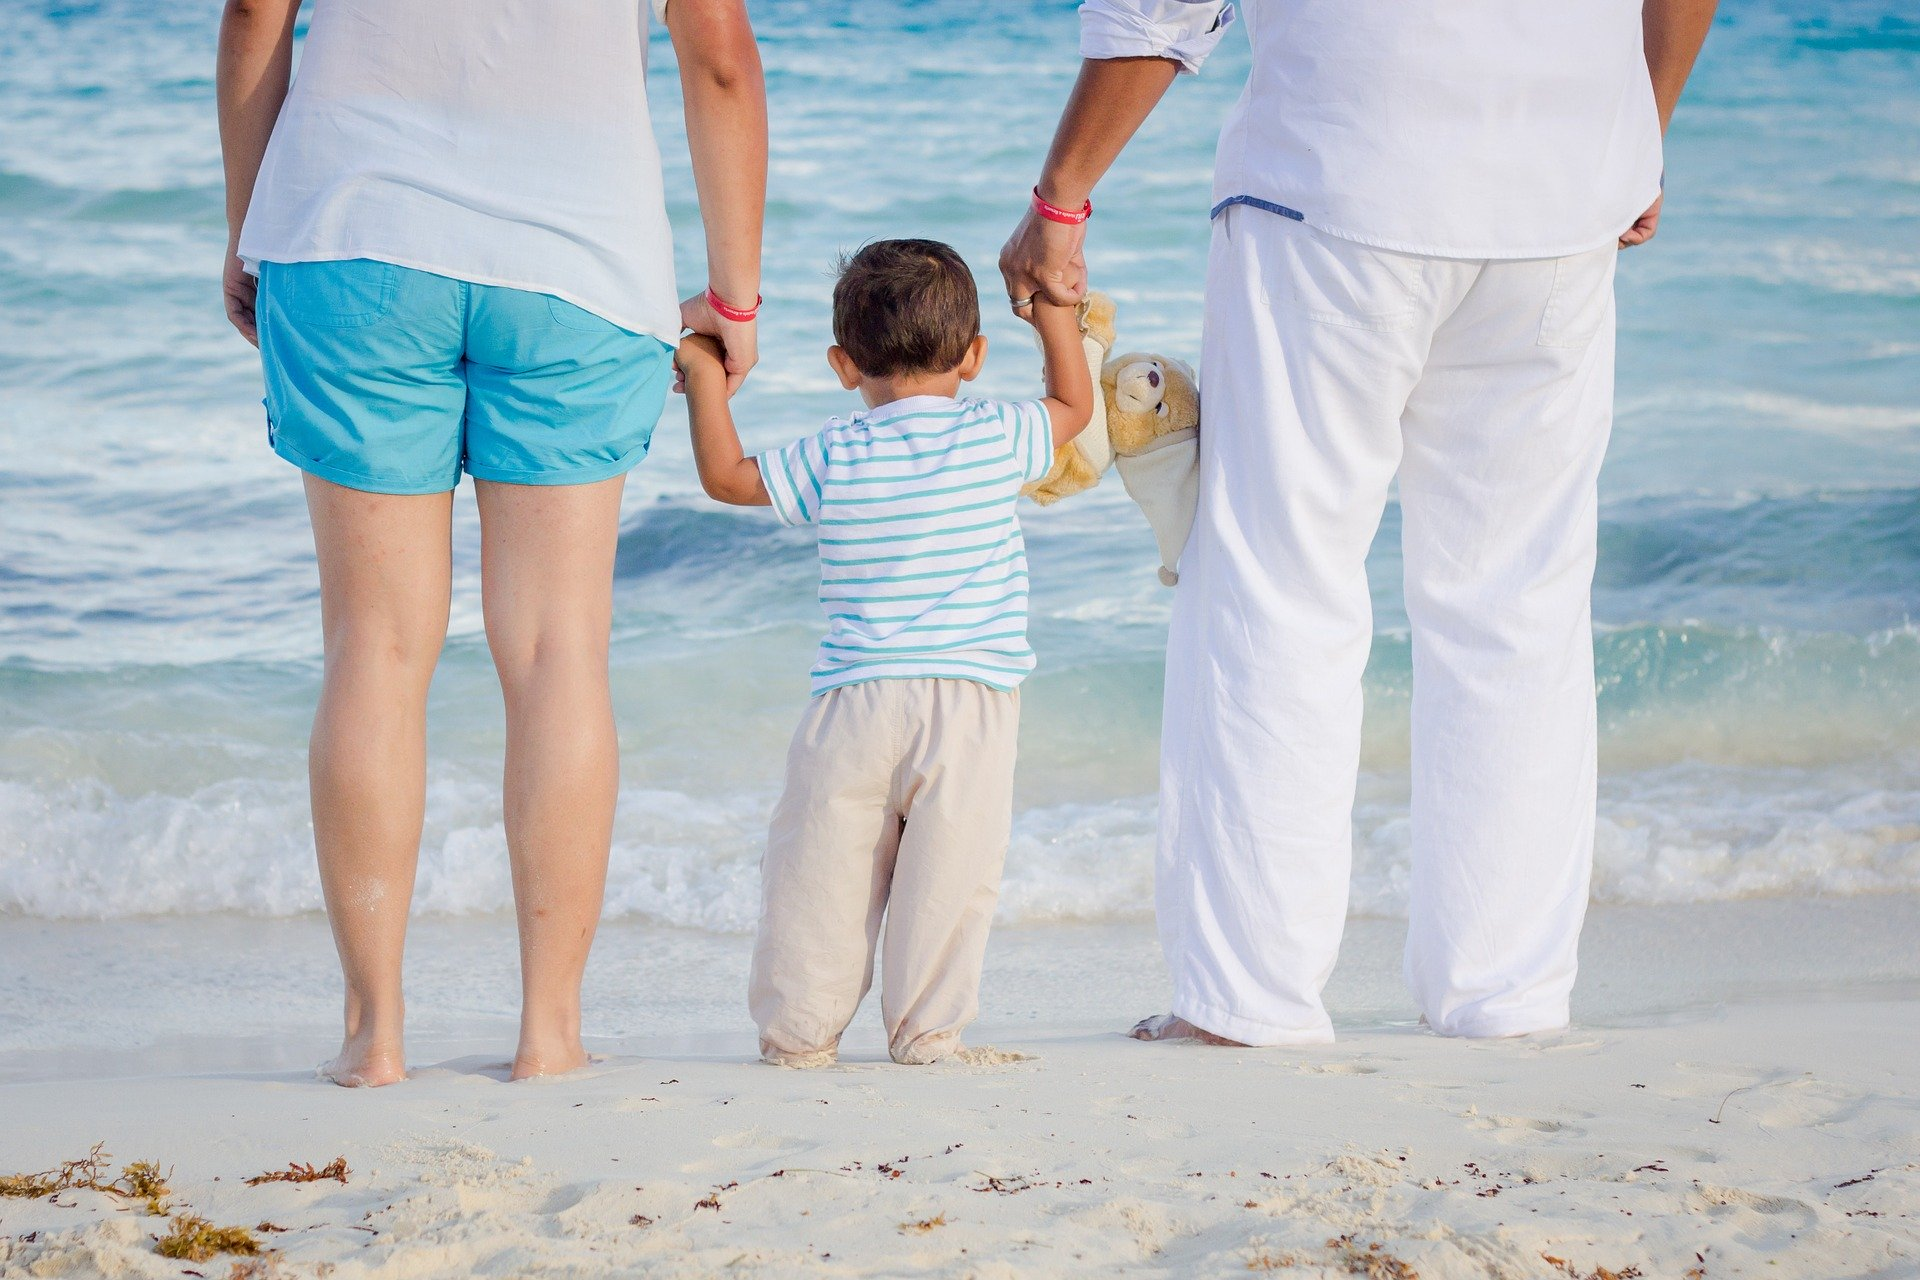 girandole - genitori e bimbo su spiaggia